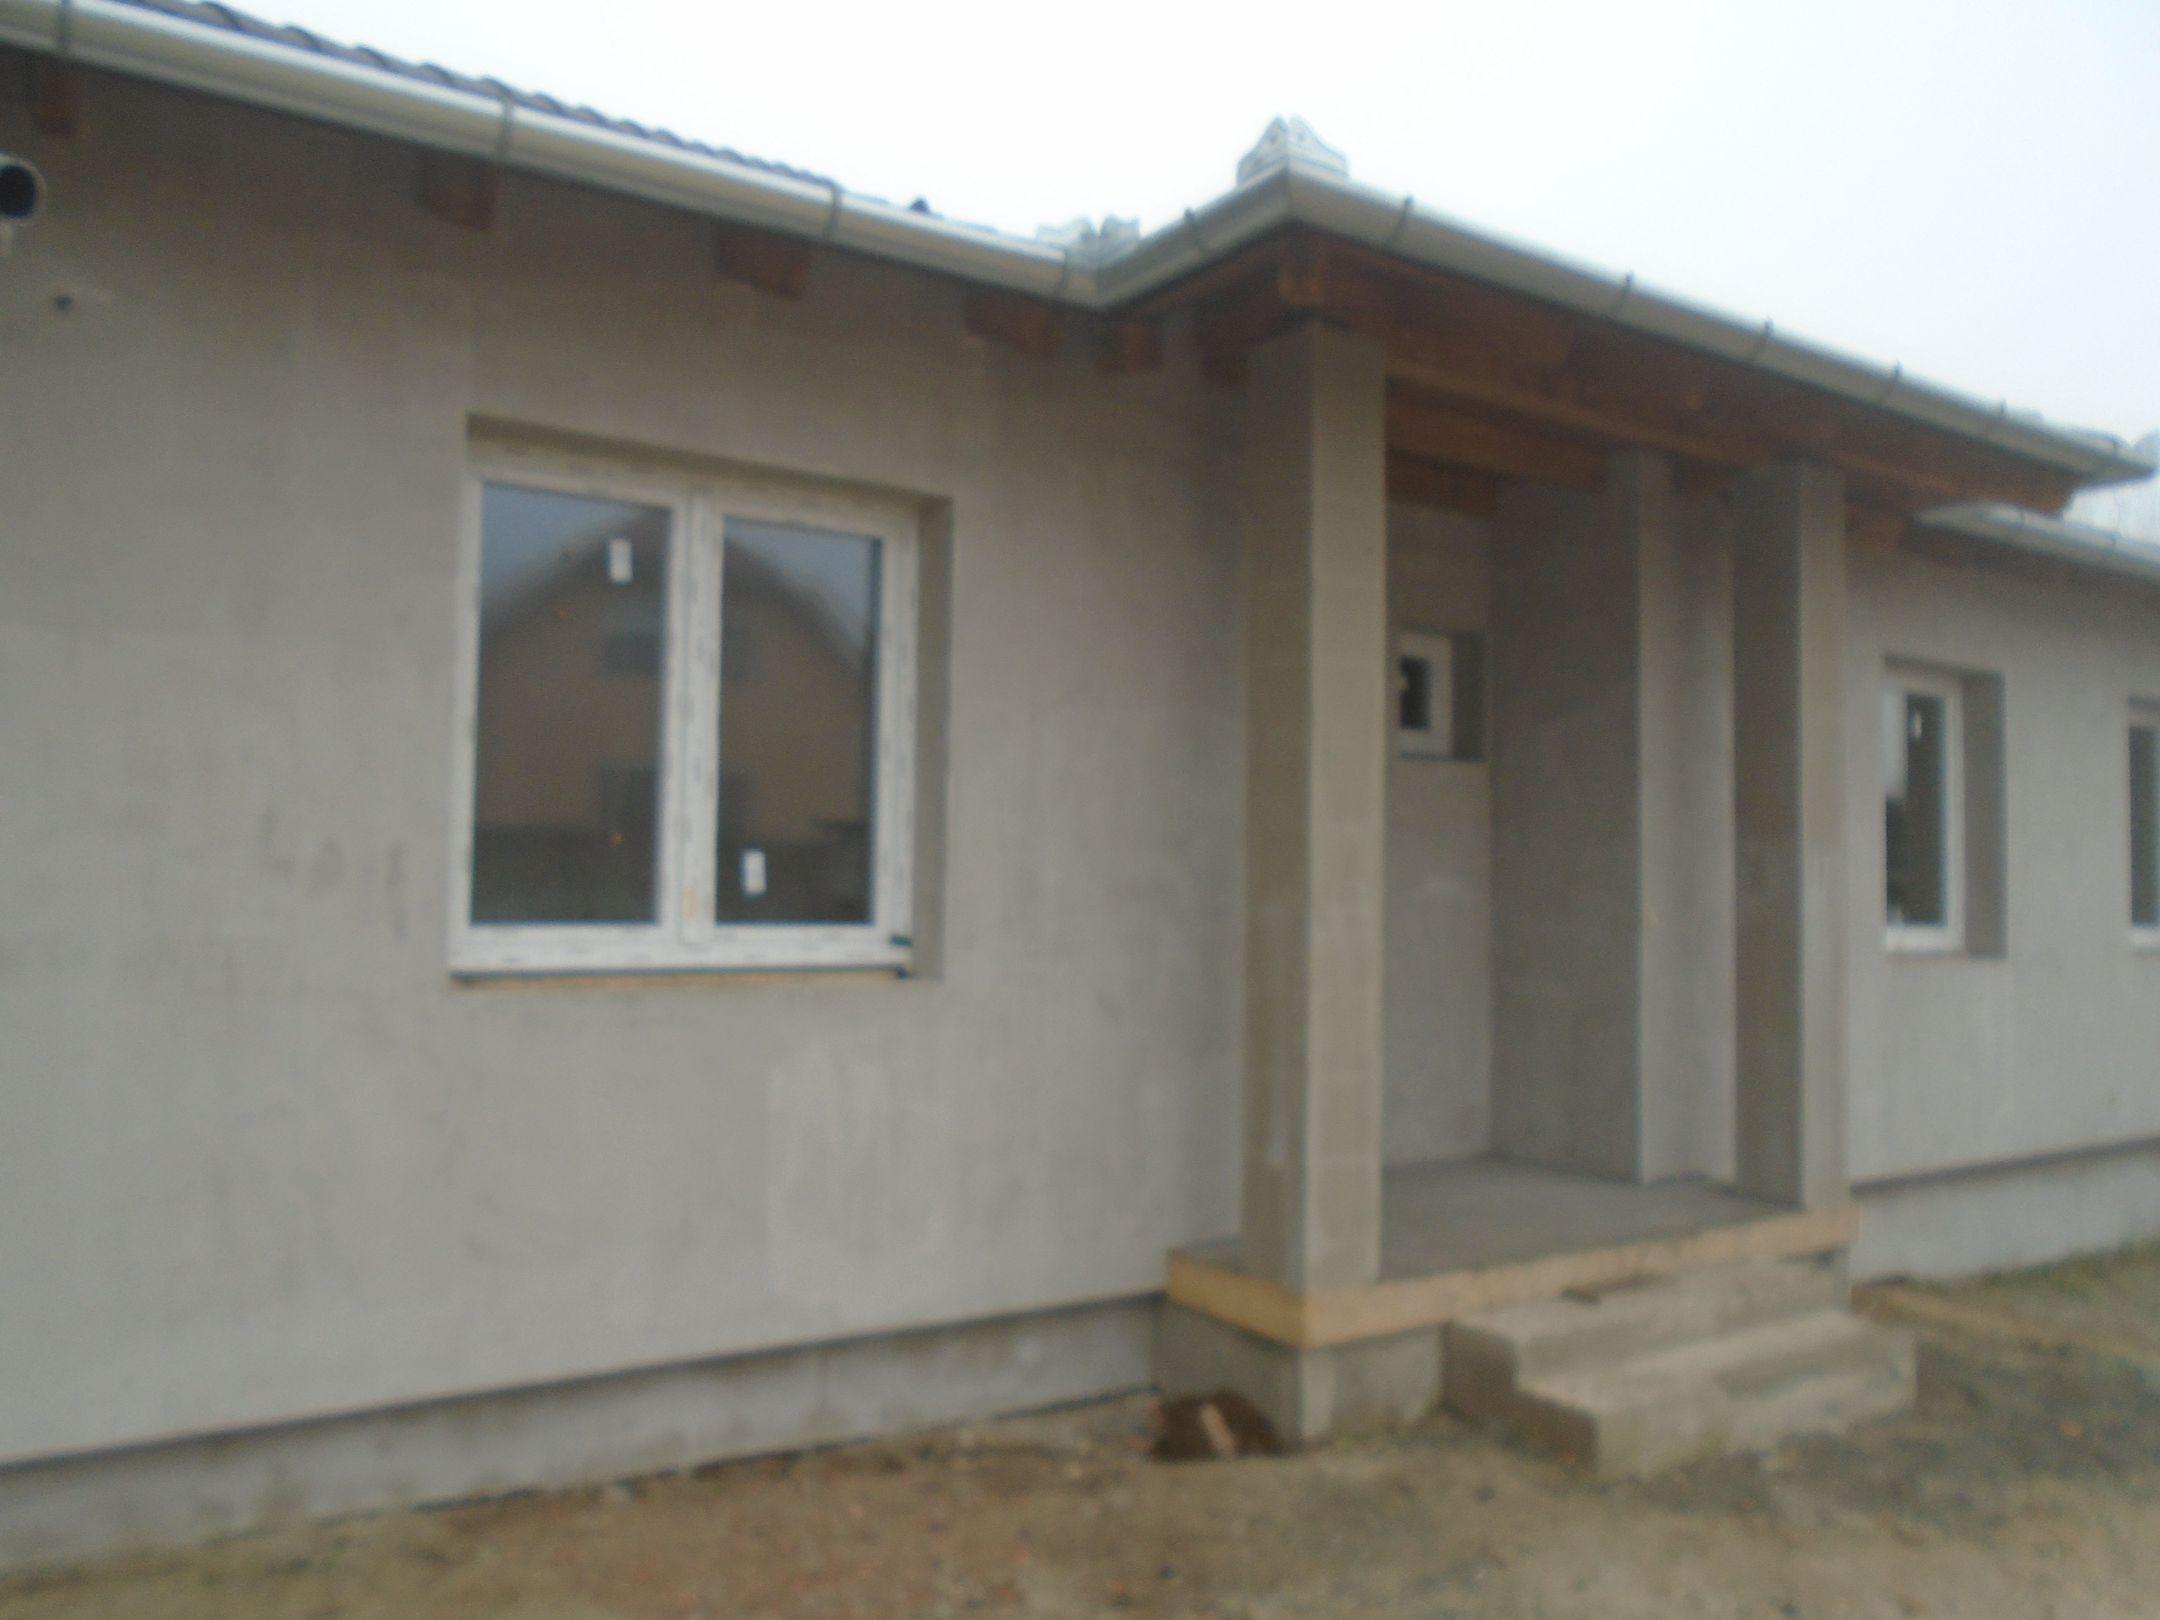 Maglód központjában,közel mindenhez, új építésű családi ház eladó!